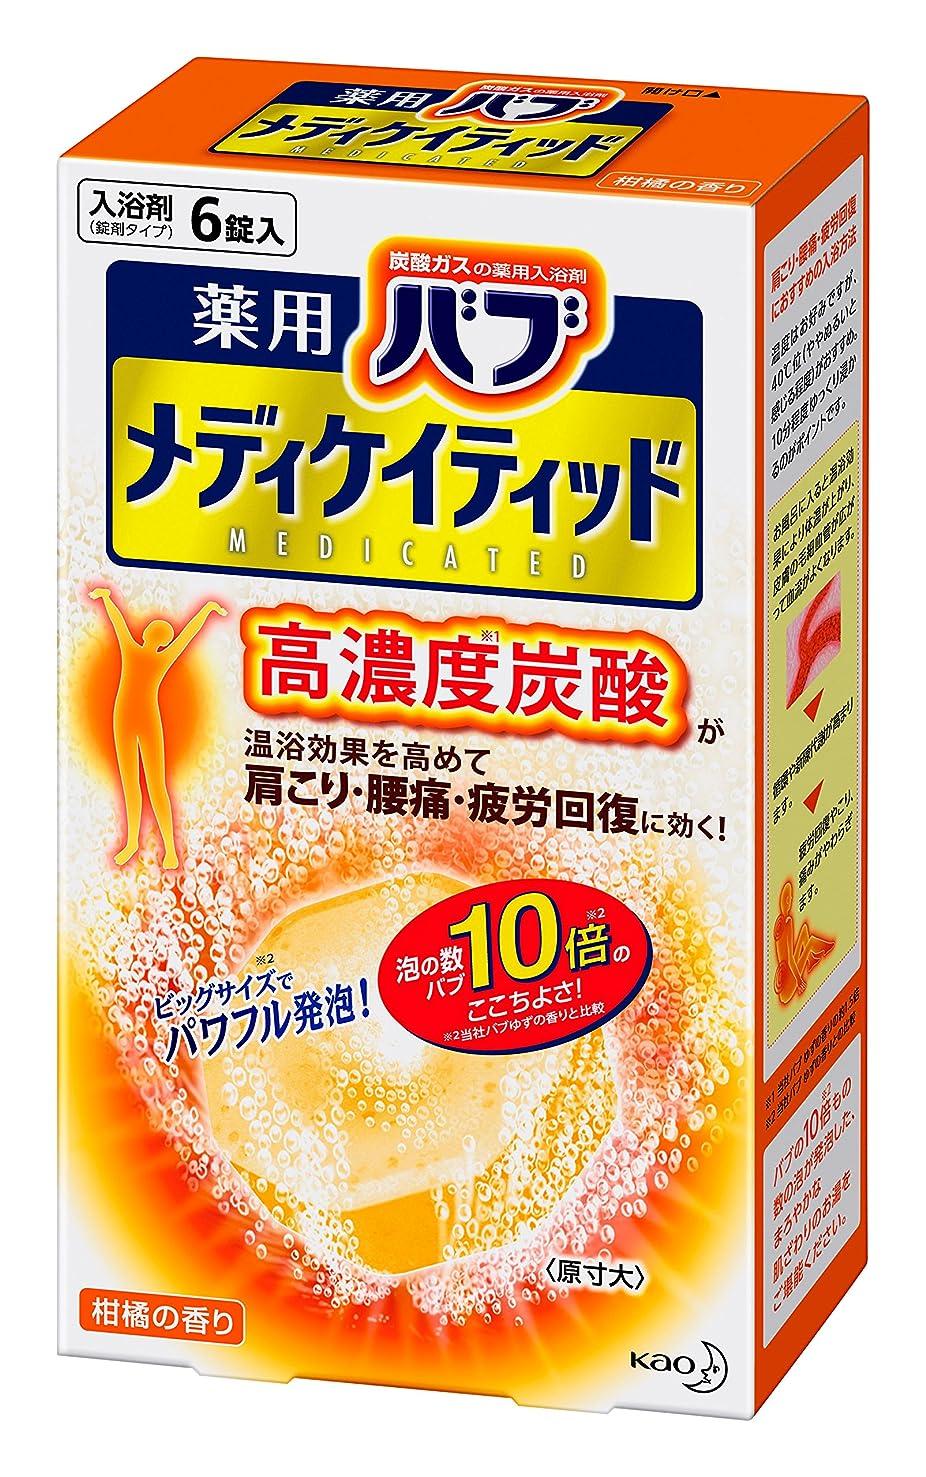 アスペクト十分タンザニアバブ メディケイティッド 柑橘の香り 6錠入